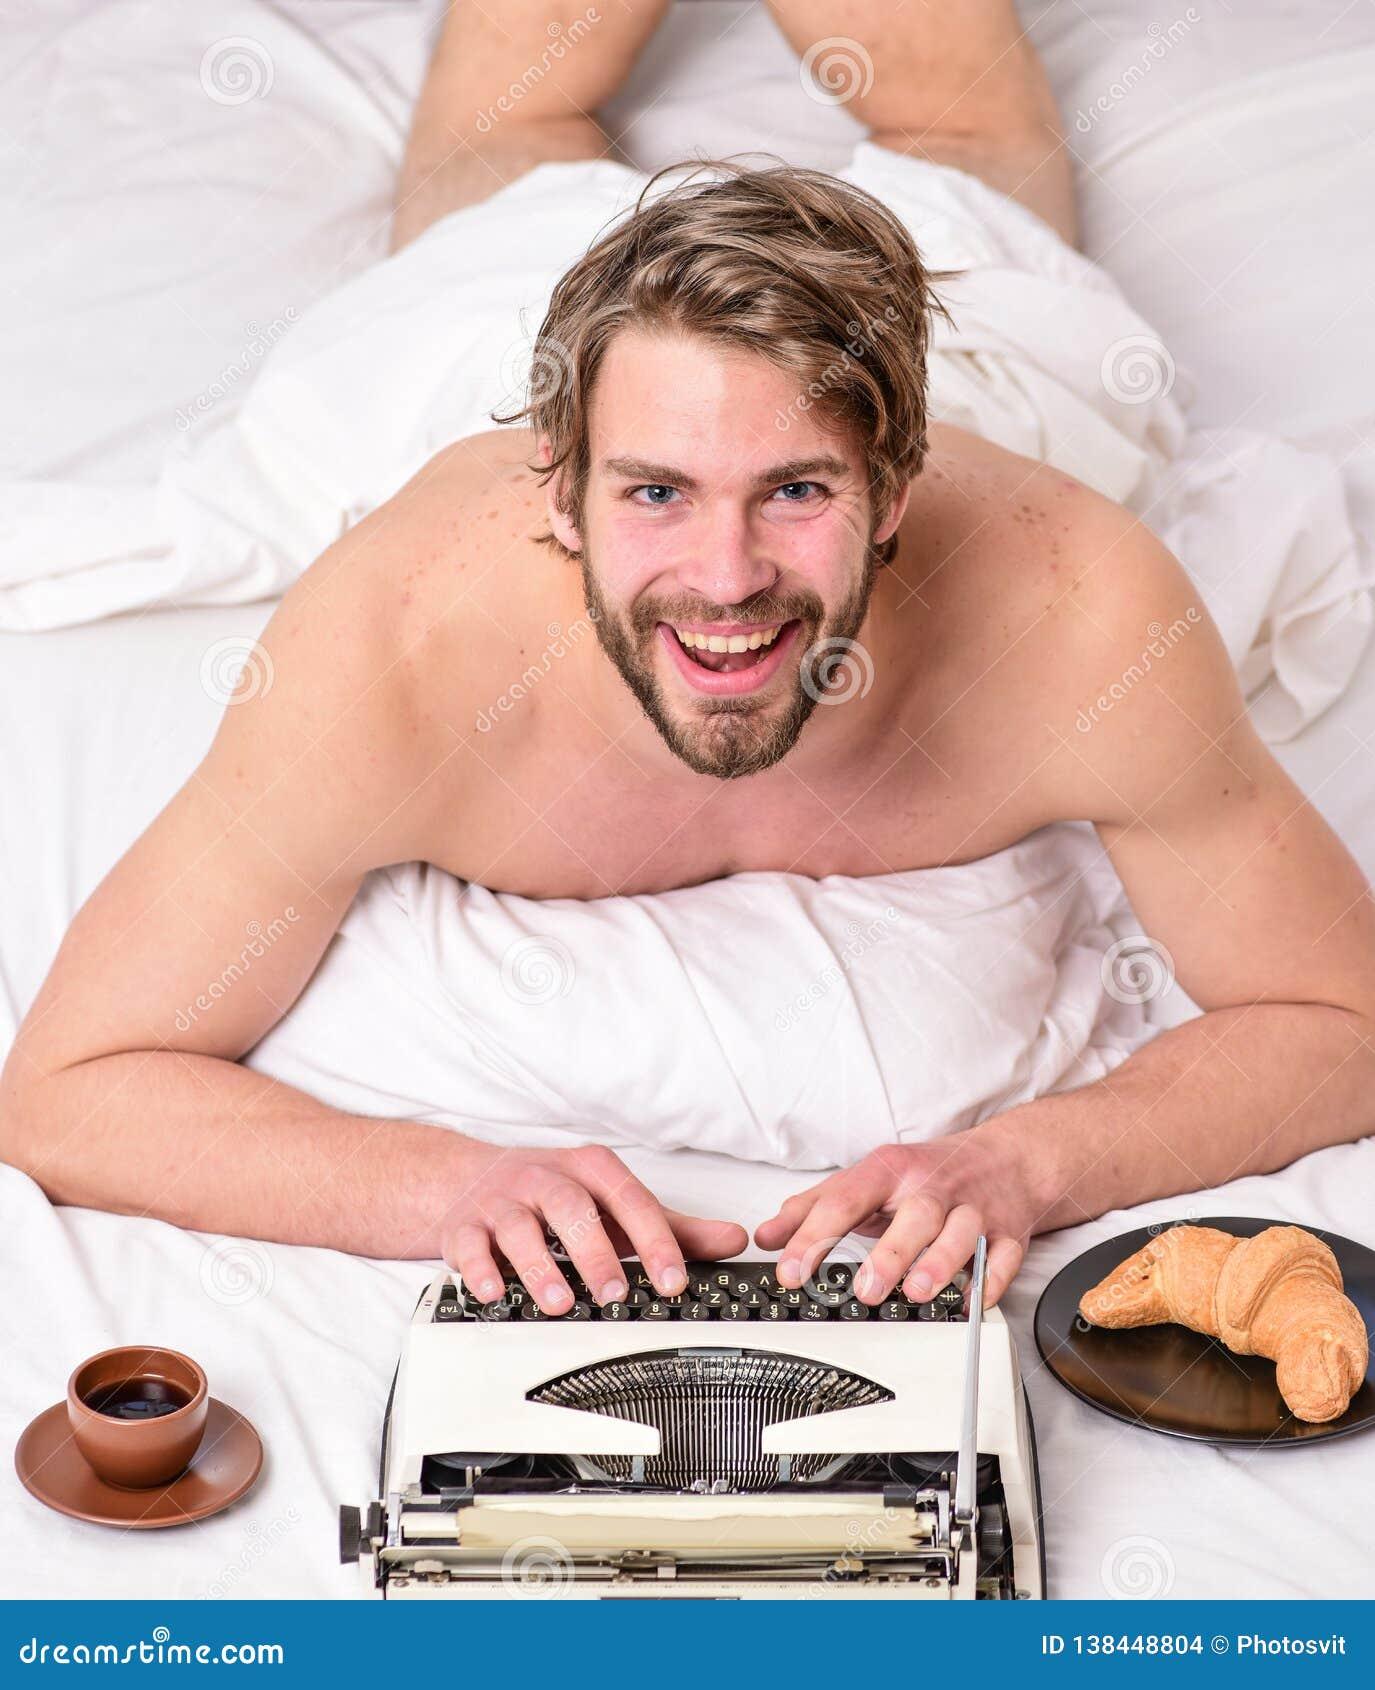 Inspiración de la mañana Literatura erótica Rutina diaria del escritor El autor hermoso del escritor utilizó el manual pasado de